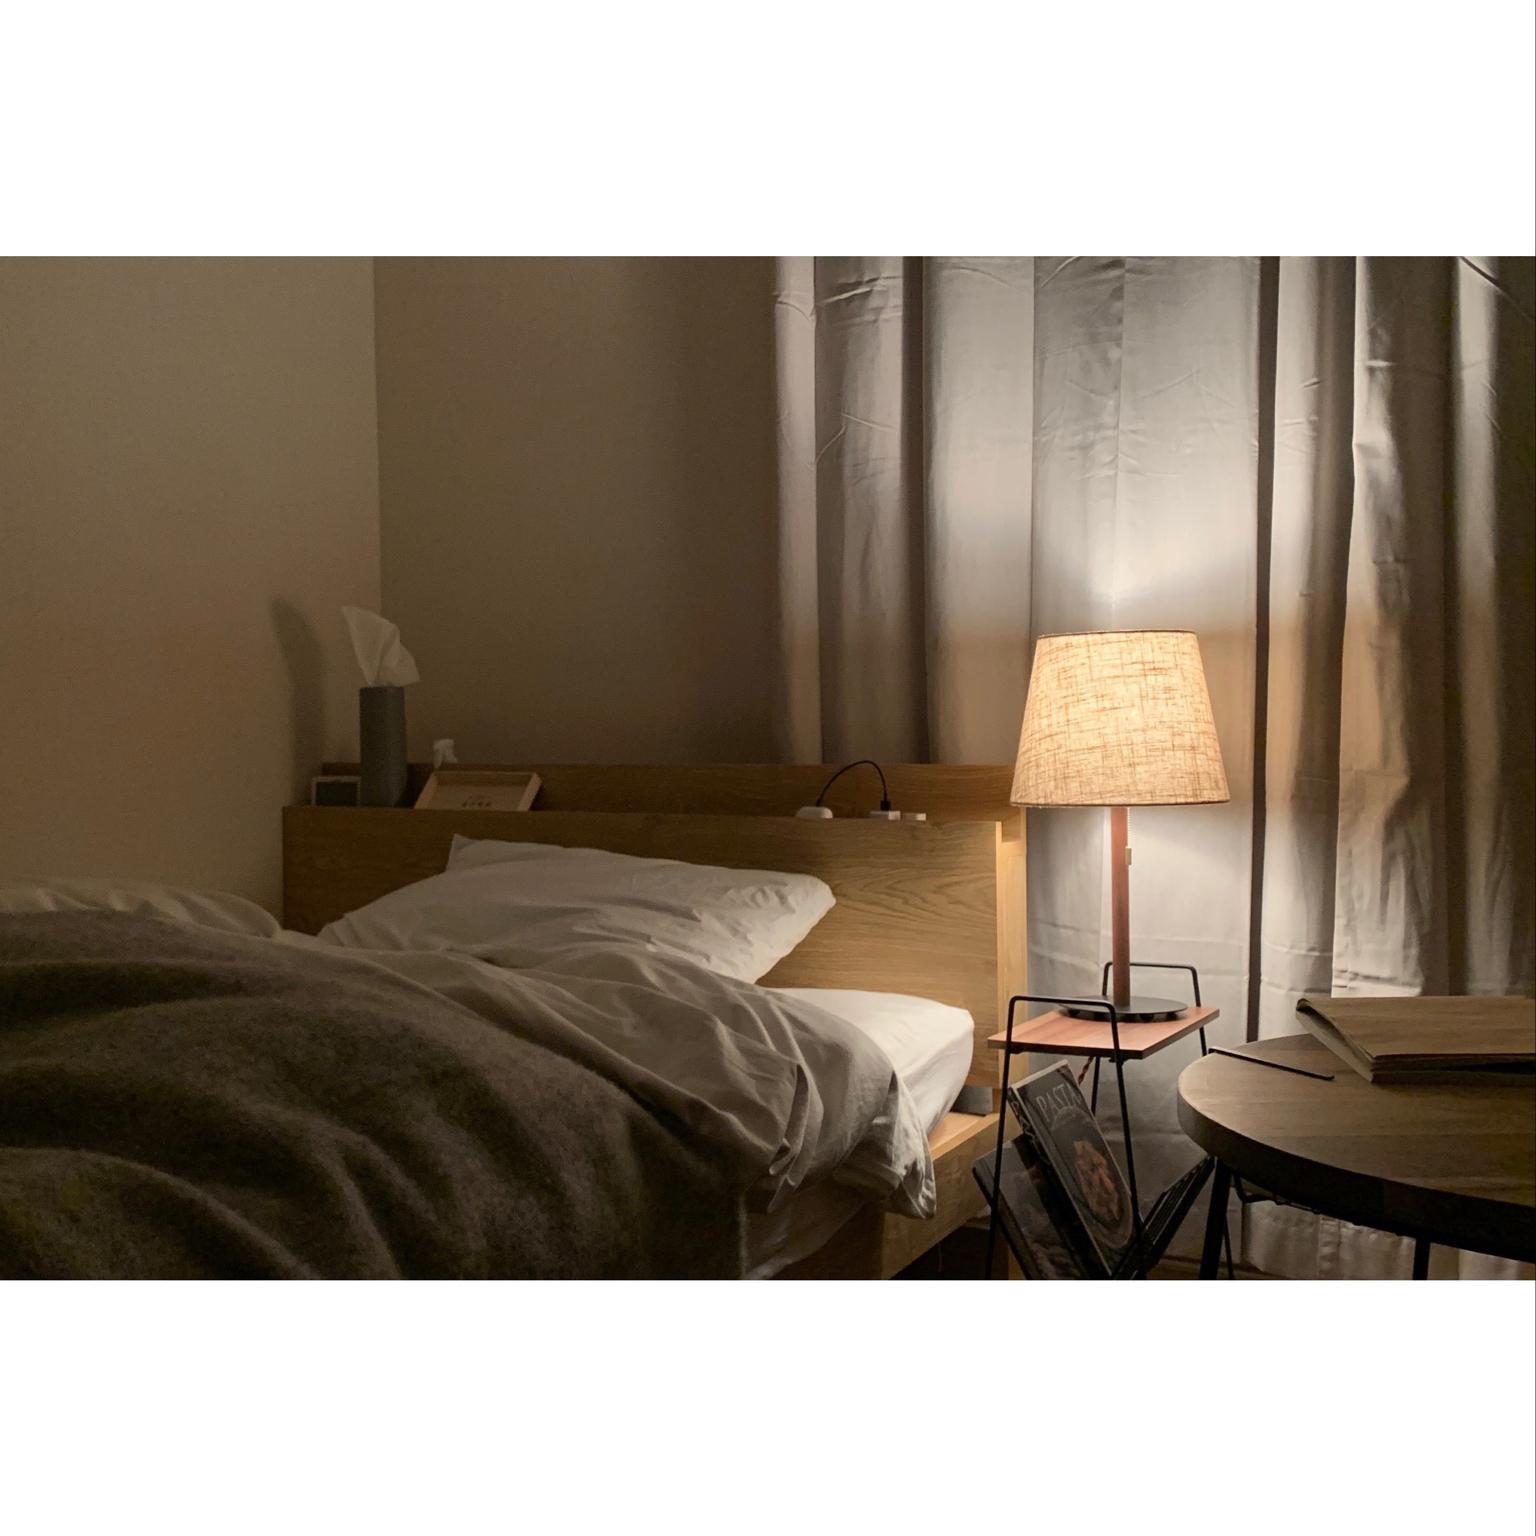 照明/ナチュラル/間接照明/ベッドルーム/一人暮らし...などのインテリア実例 - 2021-04-22 23:04:12